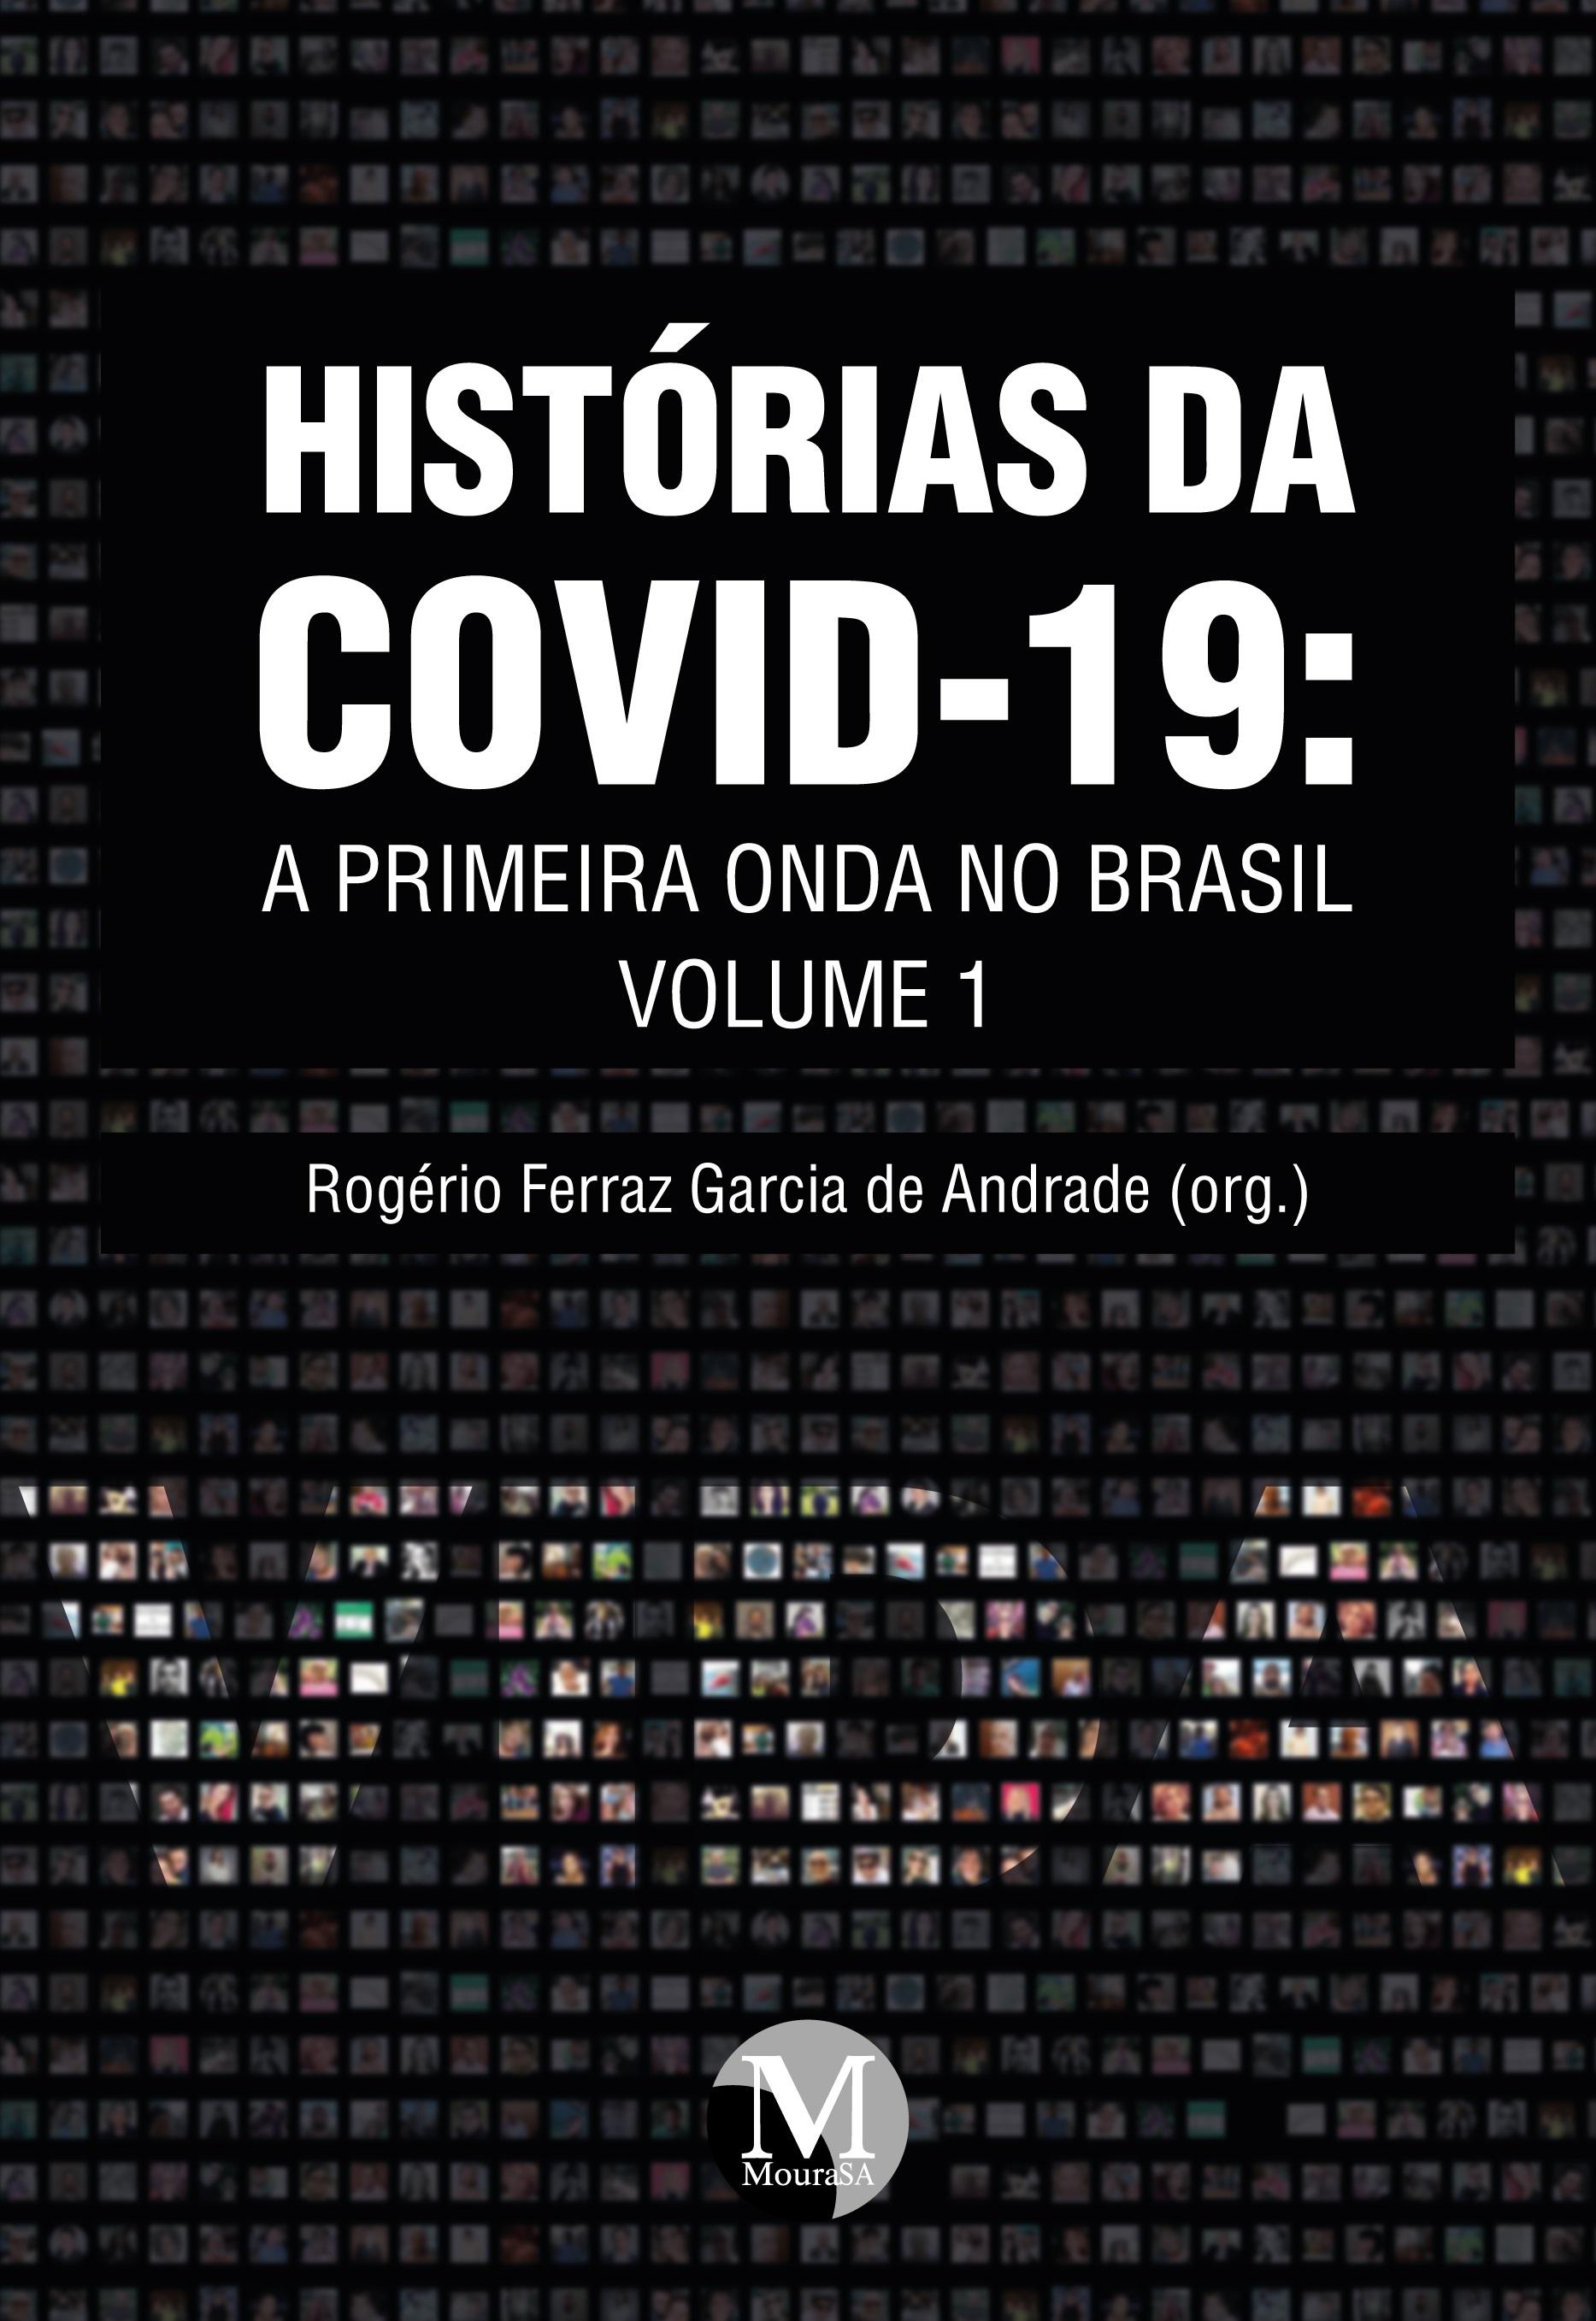 Capa do livro: HISTÓRIAS DA COVID-19: <br>a primeira onda no Brasil <br><br>Coleção Histórias da COVID-19 - Volume 1